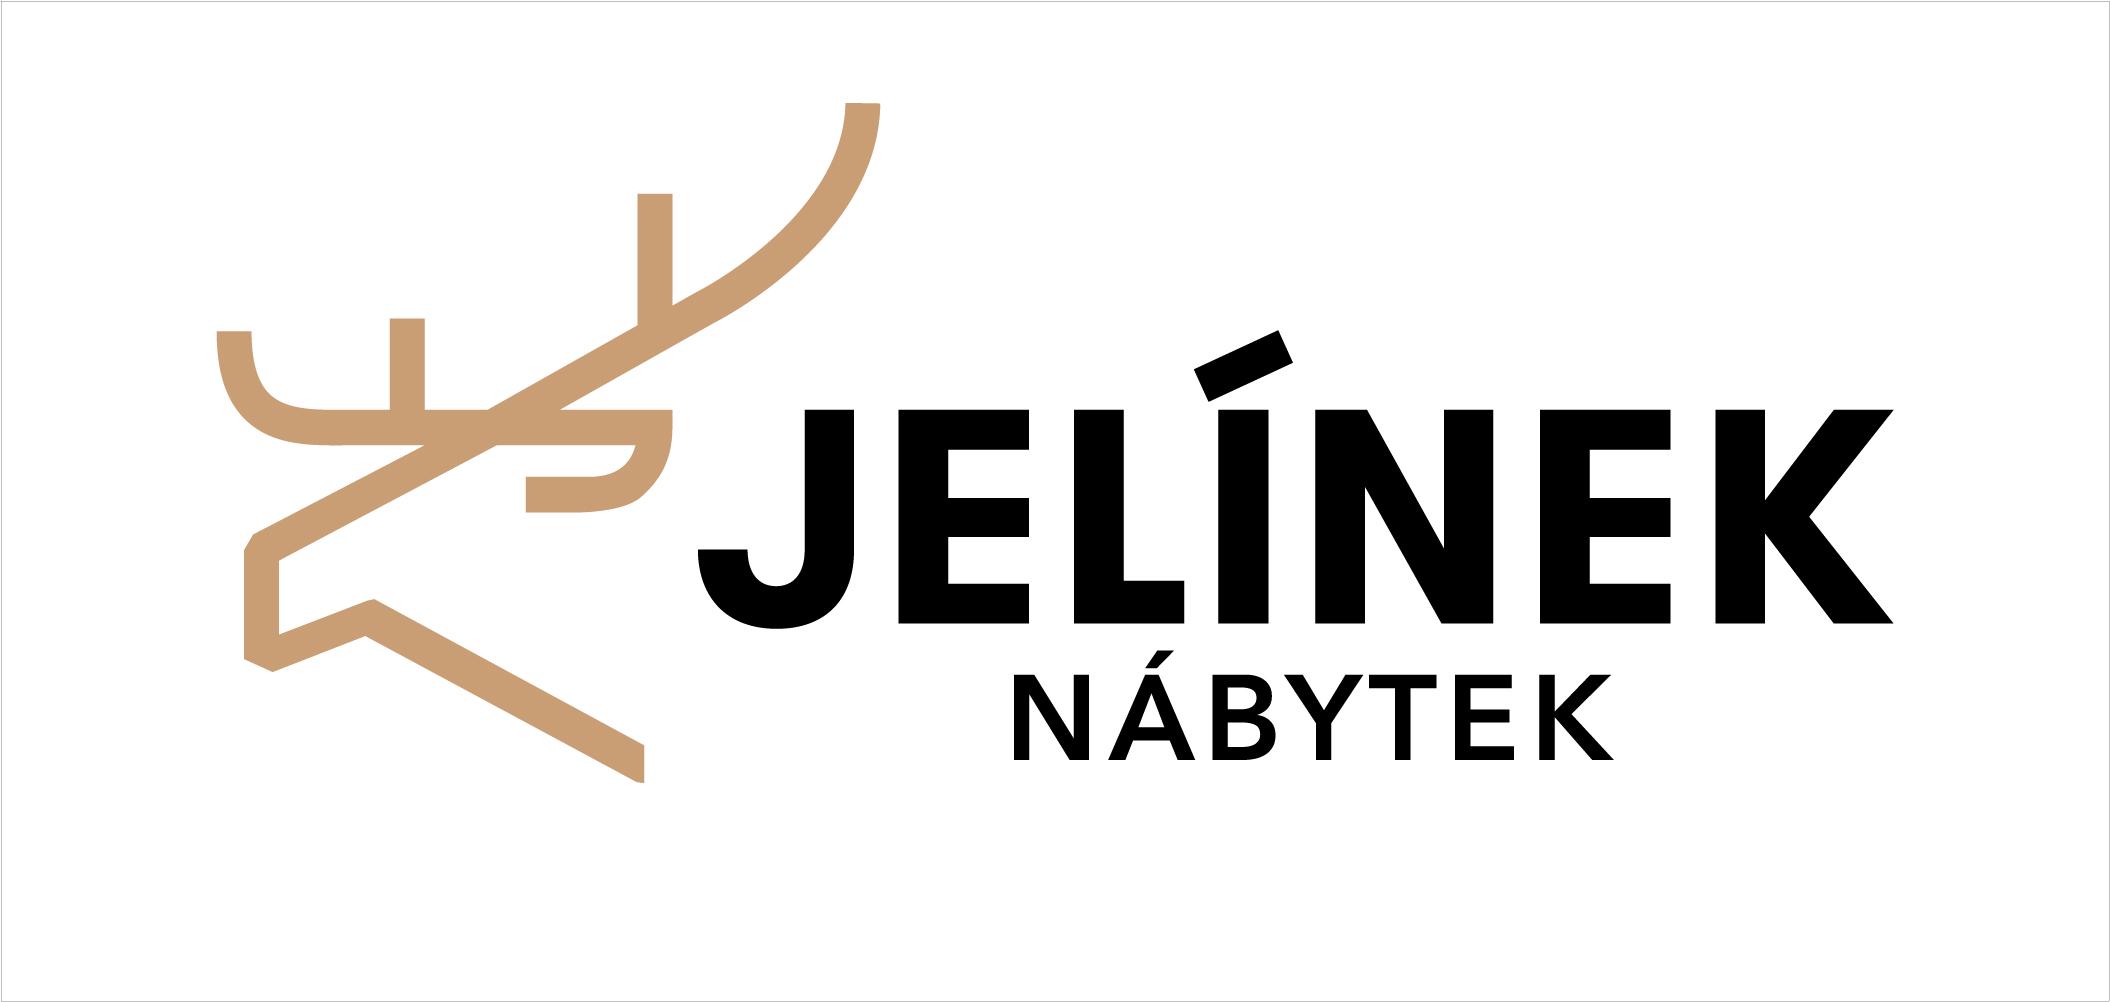 Výroba nábytku, Jelínek